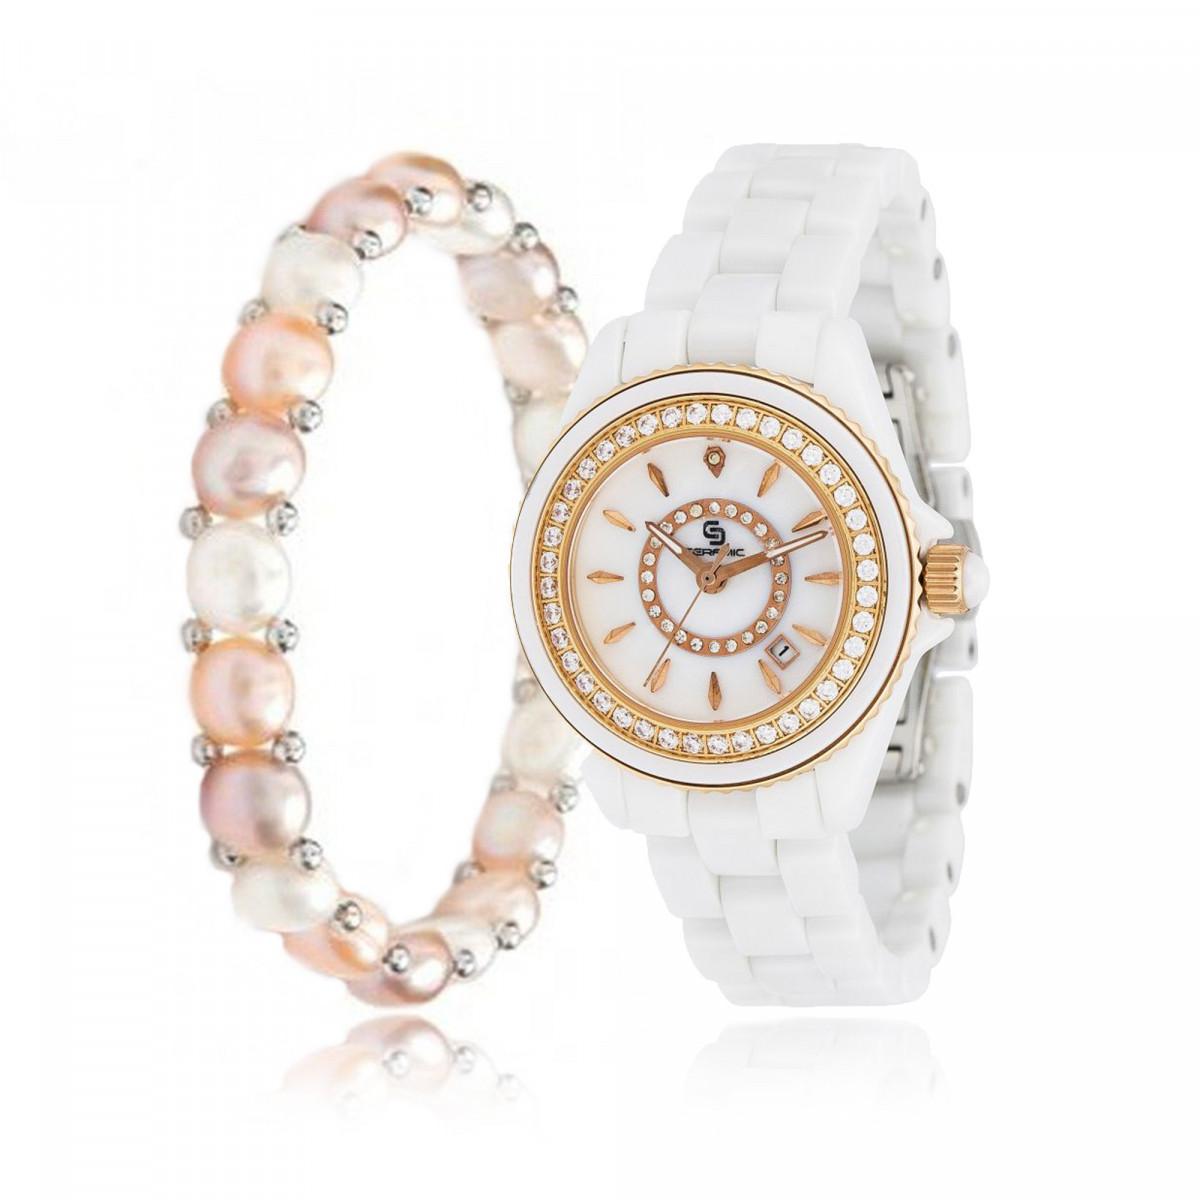 64713e851b8c5 Coffret Montre Femme Céramique et Bracelet Perle | Mes-bijoux.fr